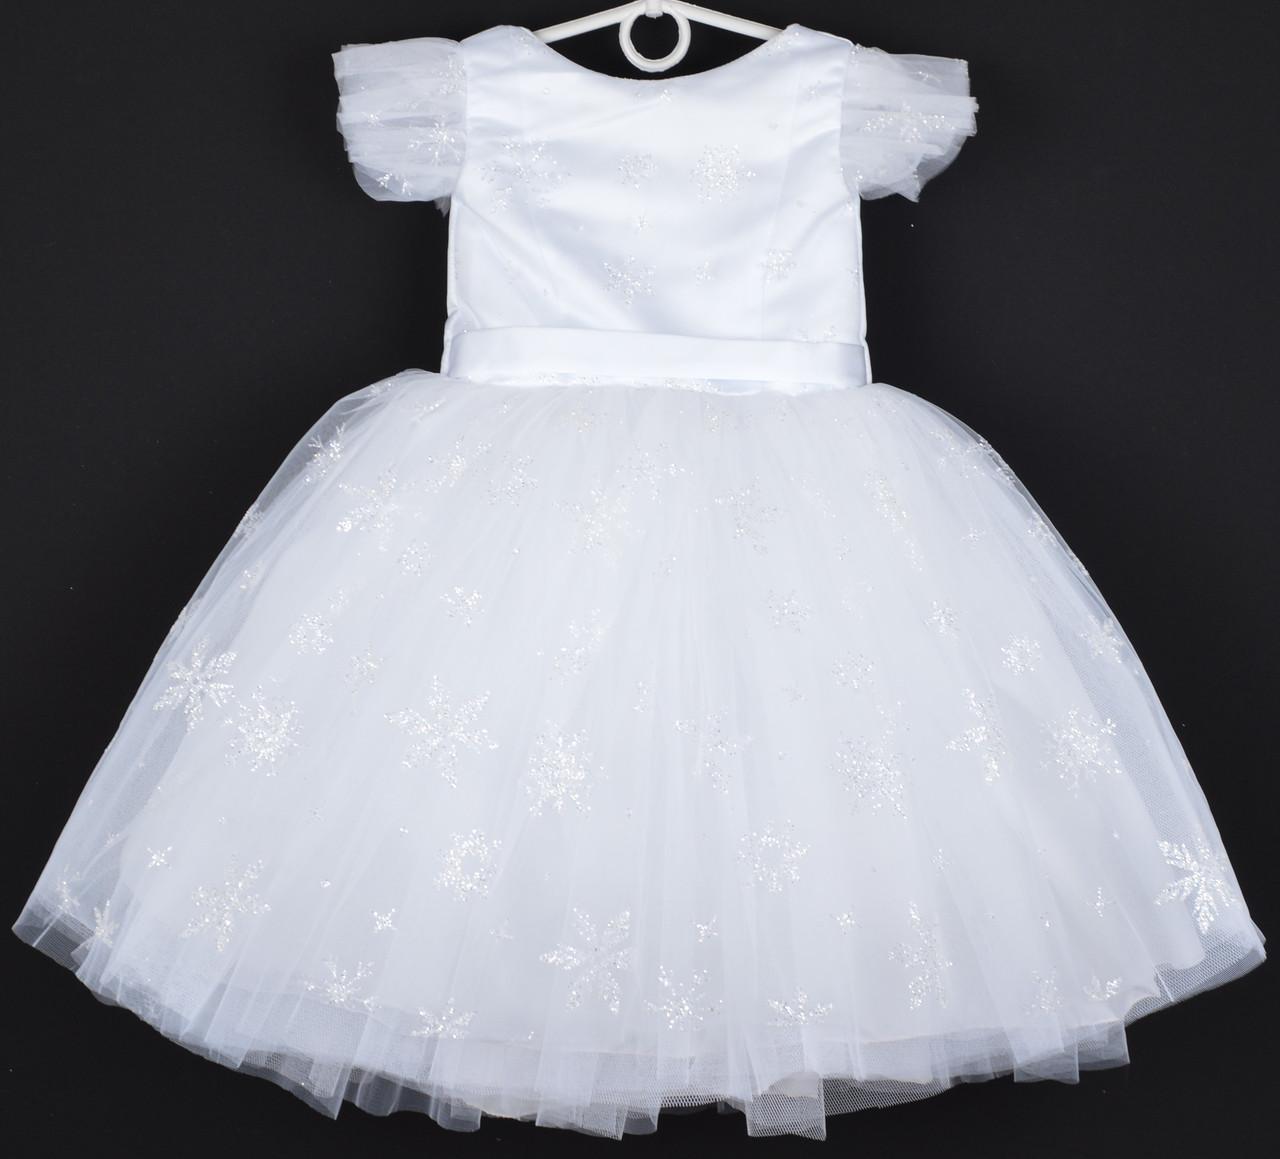 """Платье нарядное детское """"Снежинка"""". 4-5 лет. Белое с белым принтом. Оптом и в розницу"""